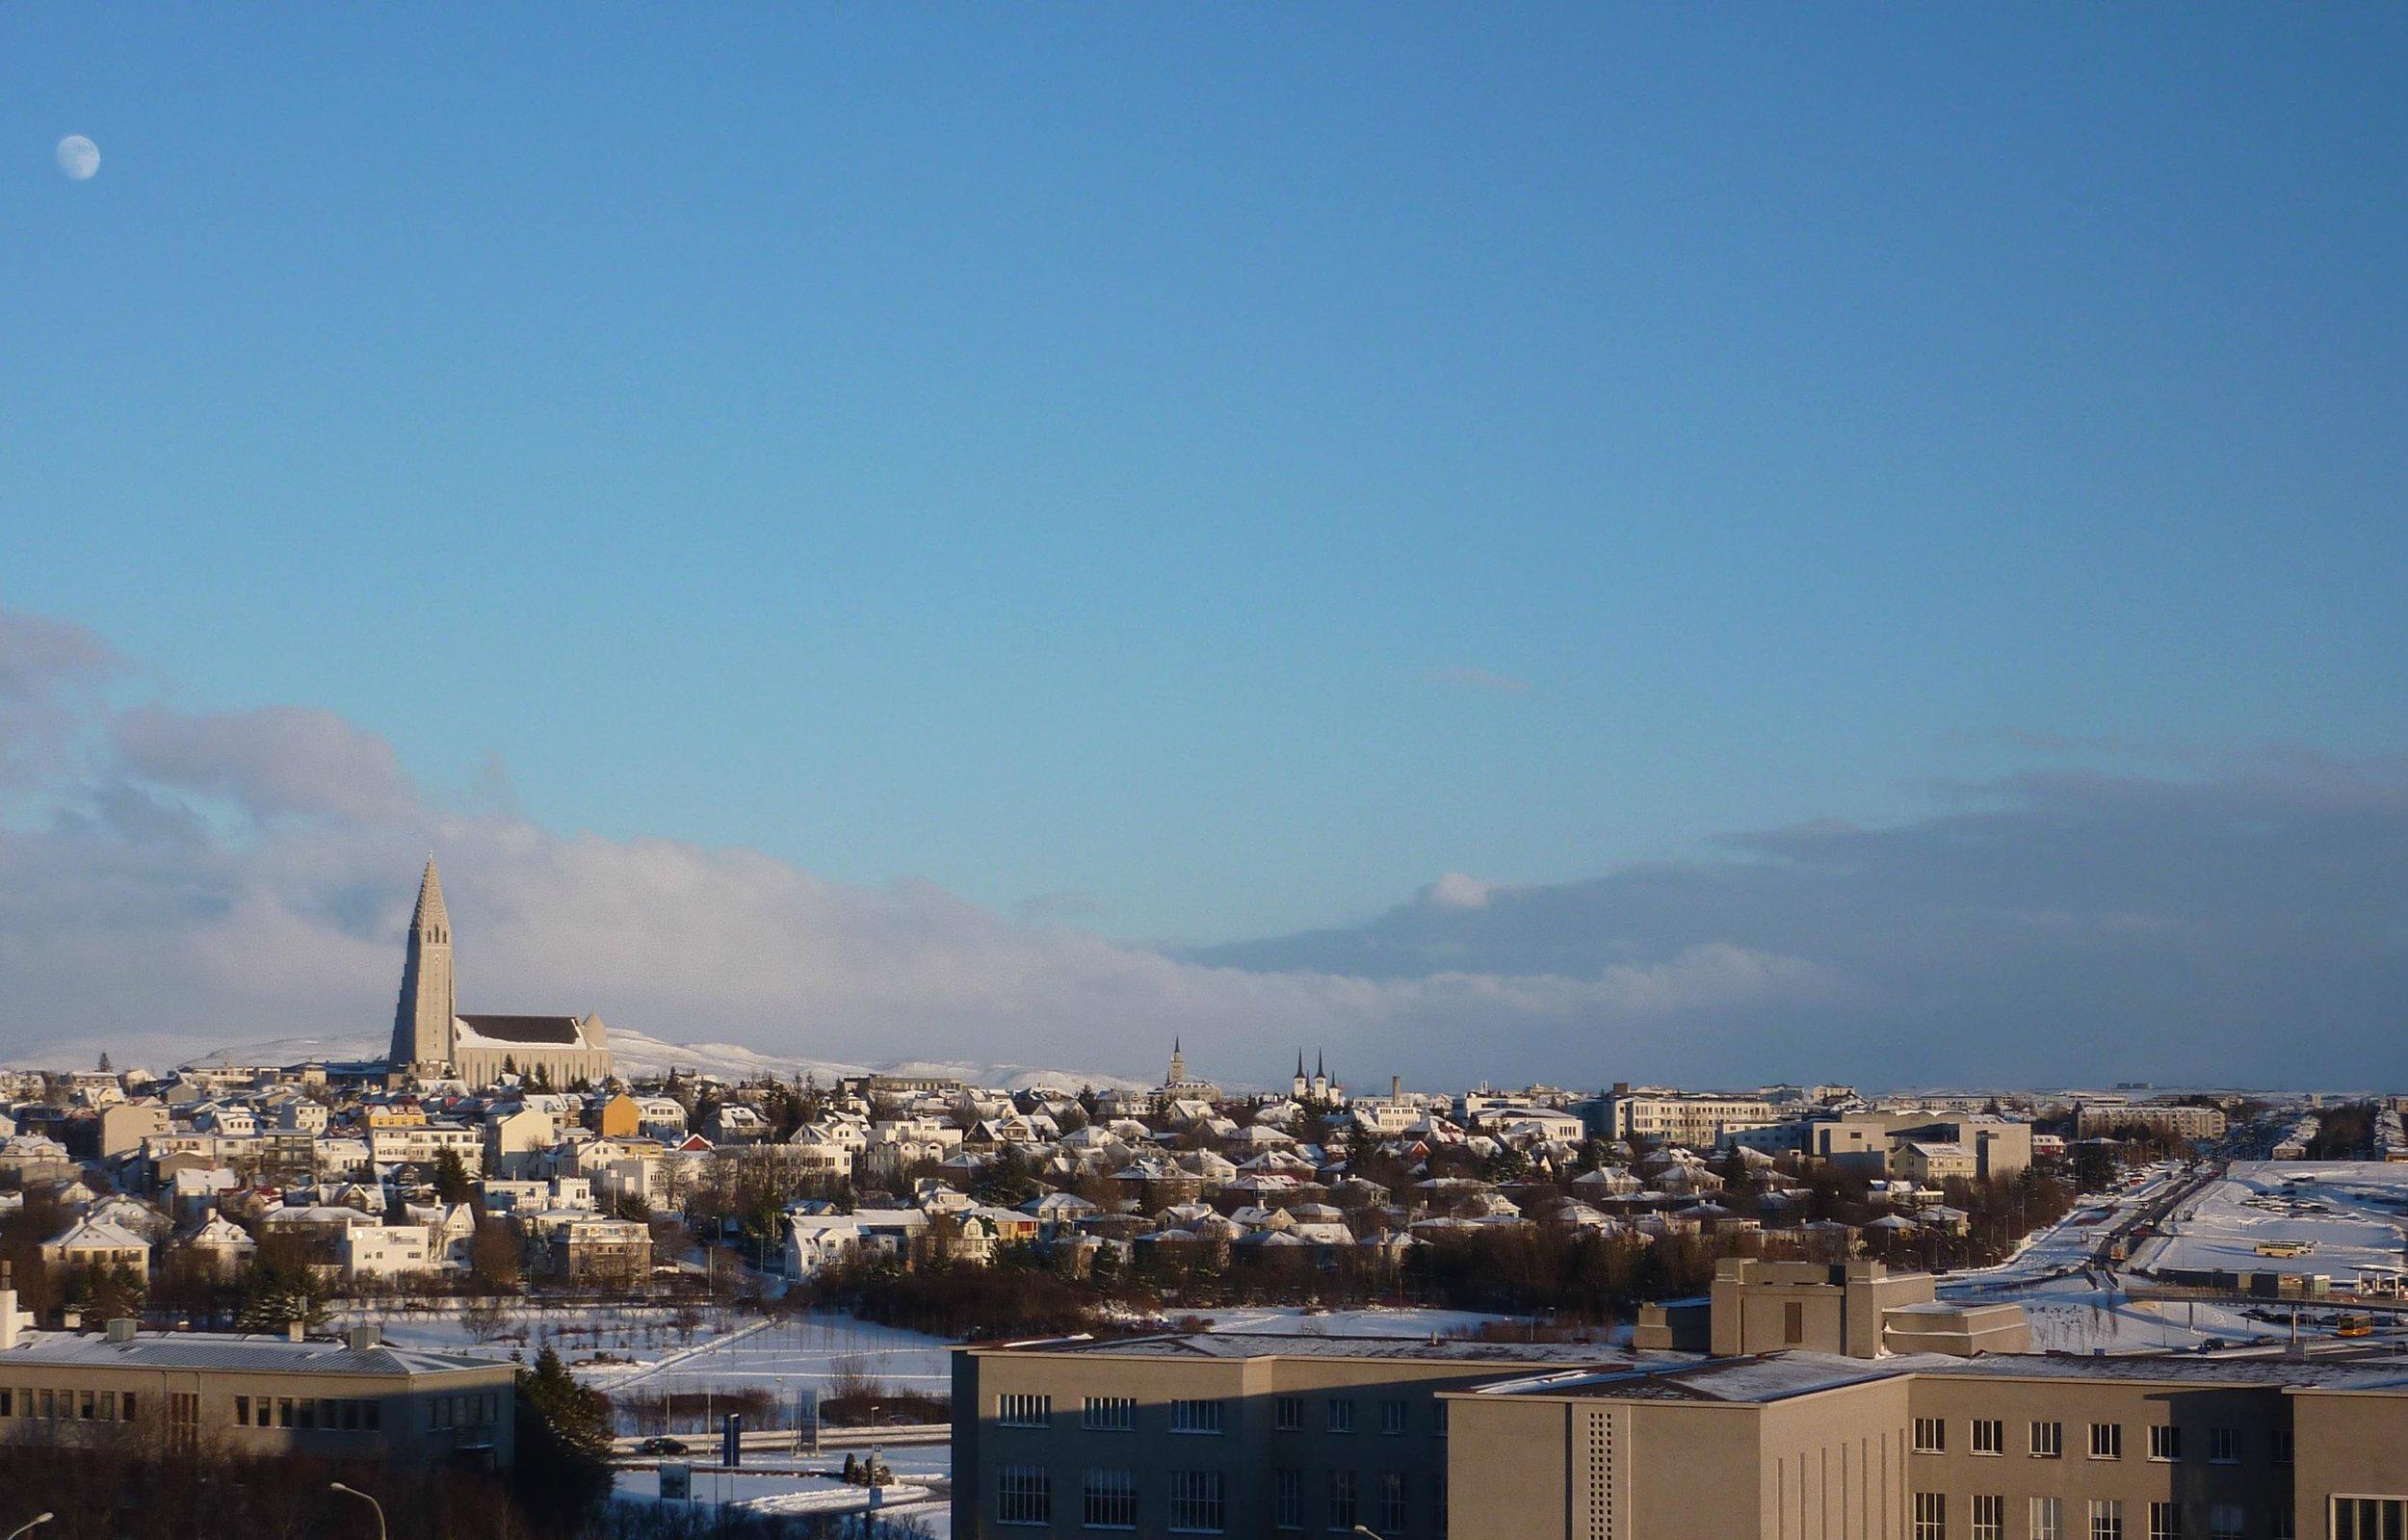 Reykjavik hotellihuoneeni ikkunasta nähtynä.